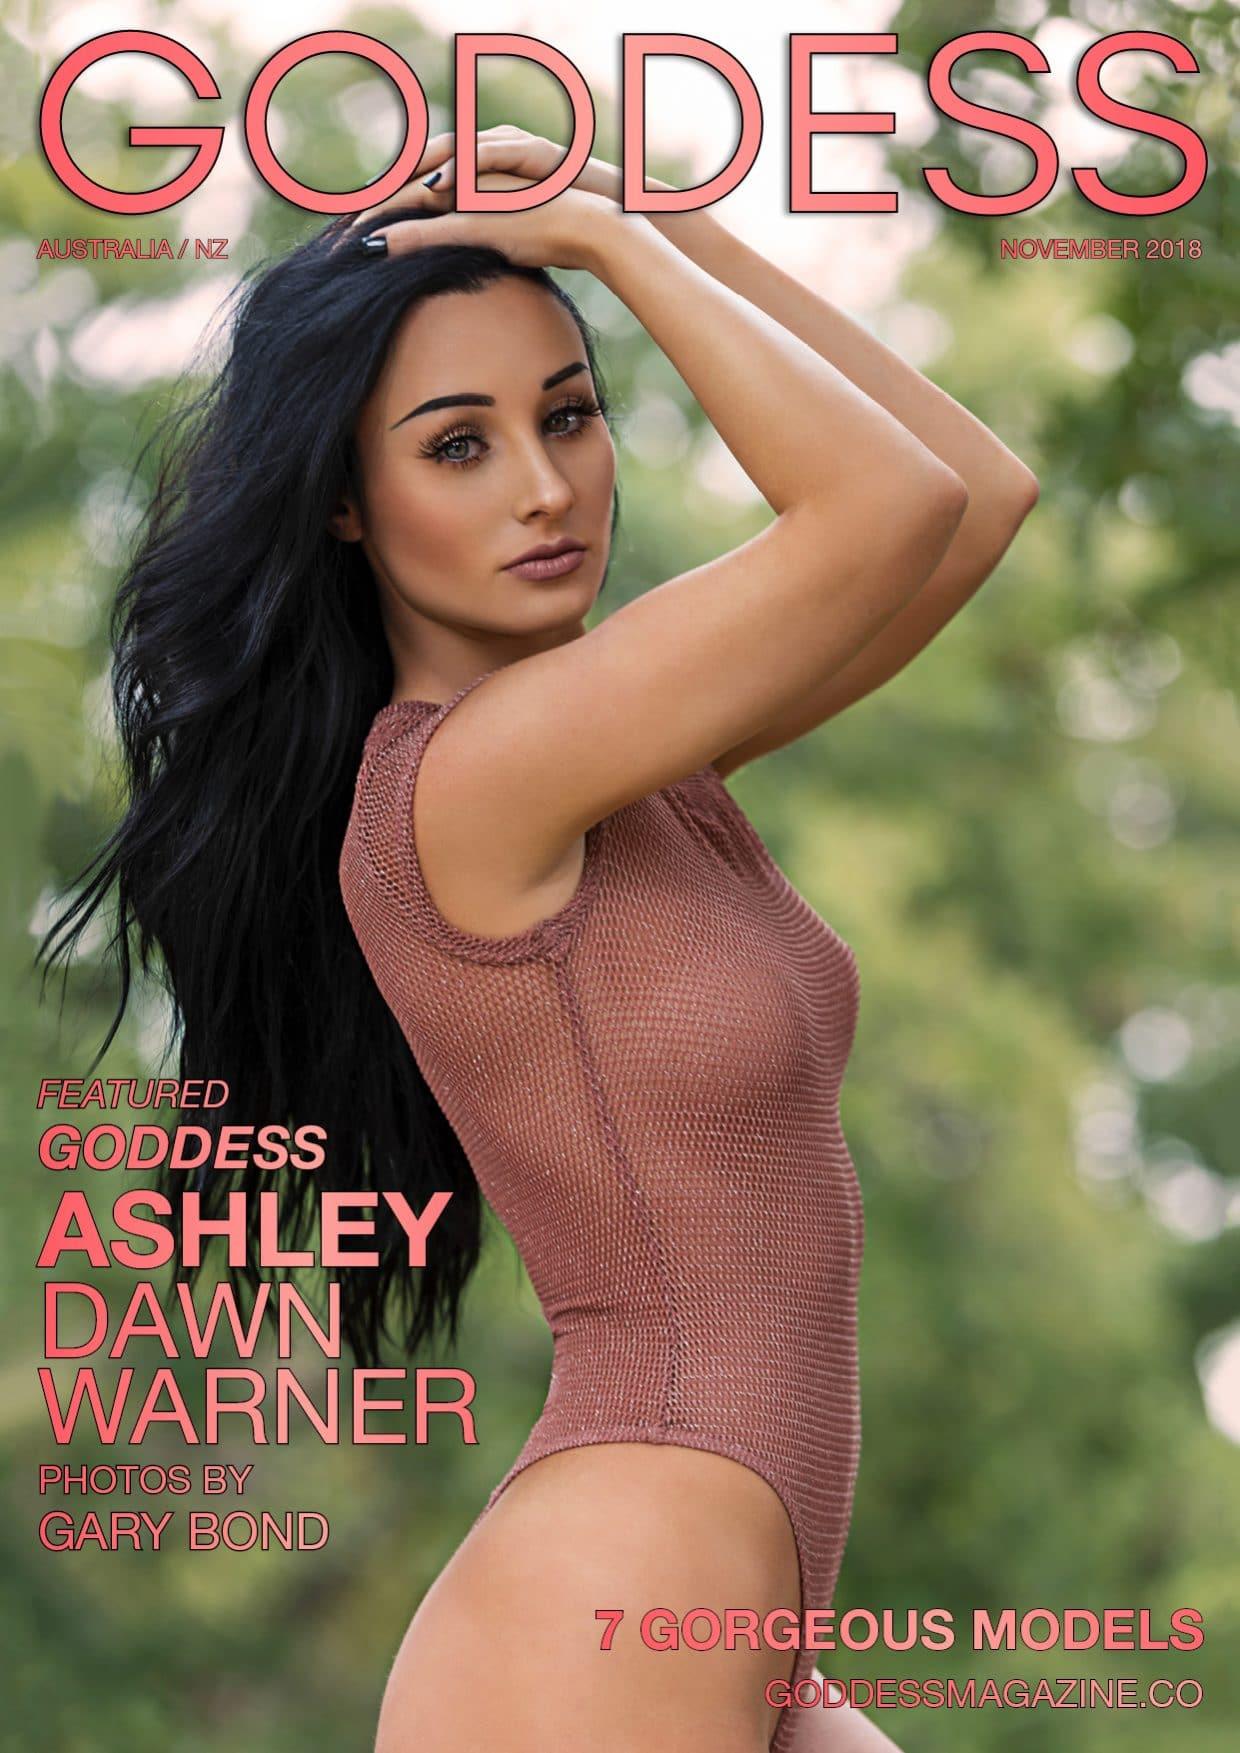 Goddess Magazine – November 2018 – Ashley Dawn Warner 1